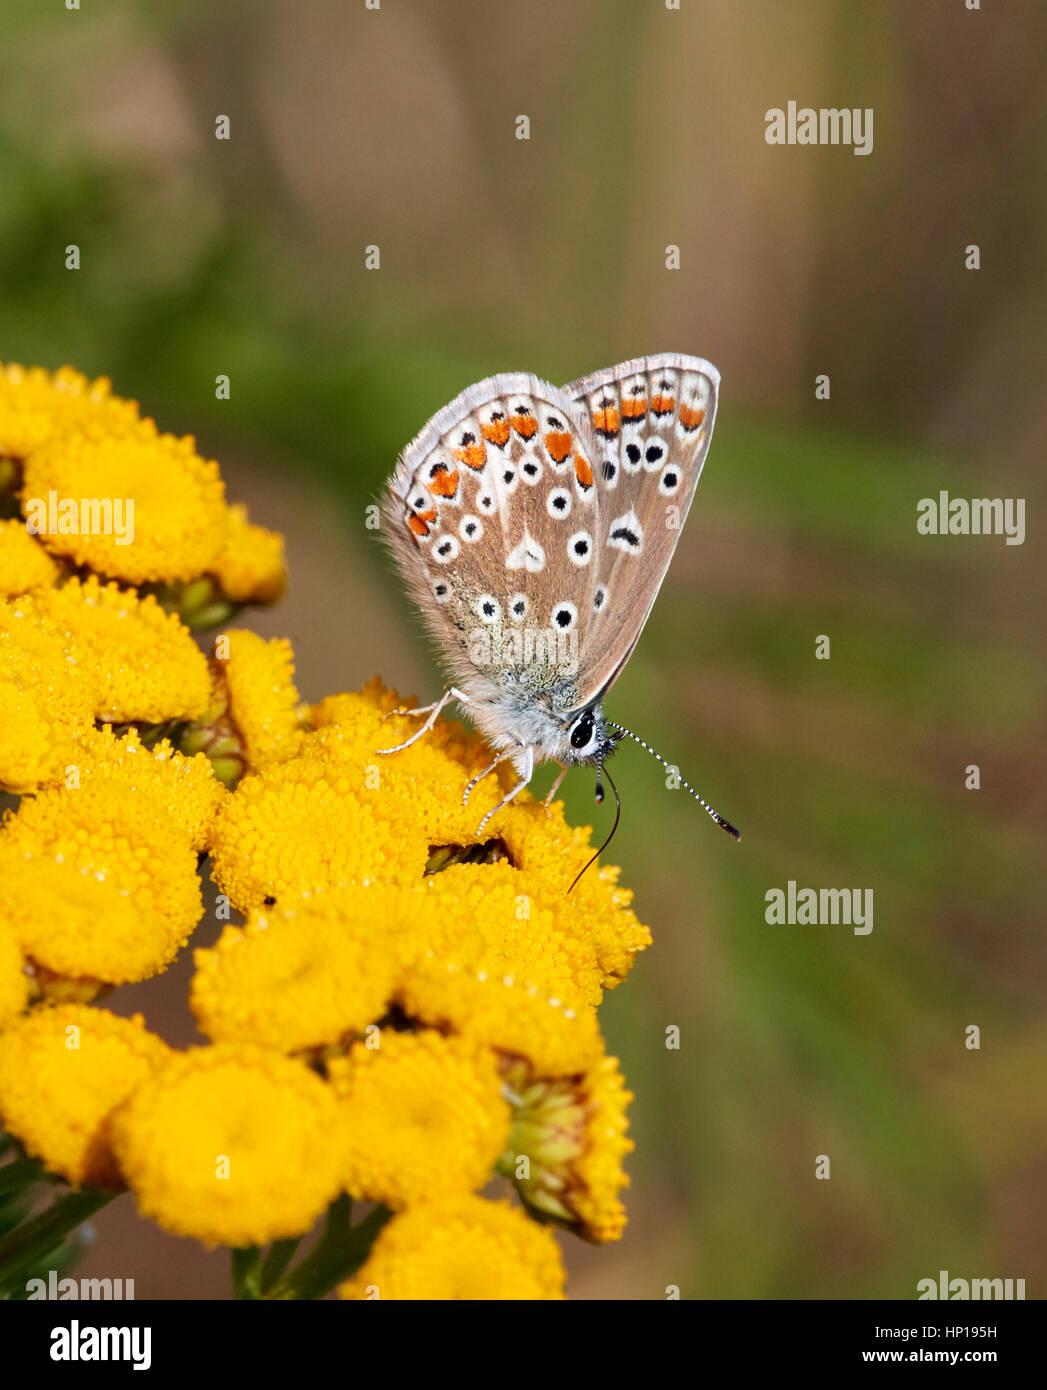 Tanaisie commune de nectar sur les fleurs bleues. Hurst Park, West Molesey, Surrey, UK. Photo Stock